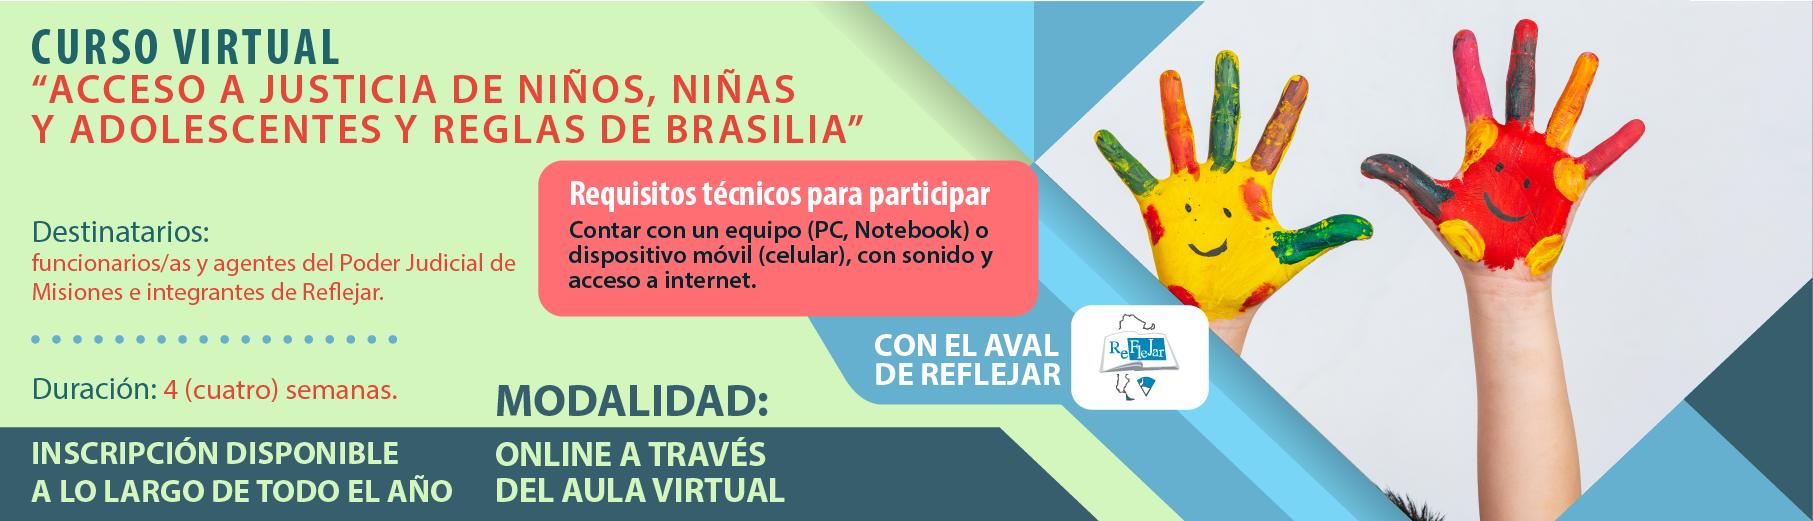 """Curso Virtual """"Acceso a Justicia de Niños, Niñas y Adolescentes y Reglas de Brasilia"""""""